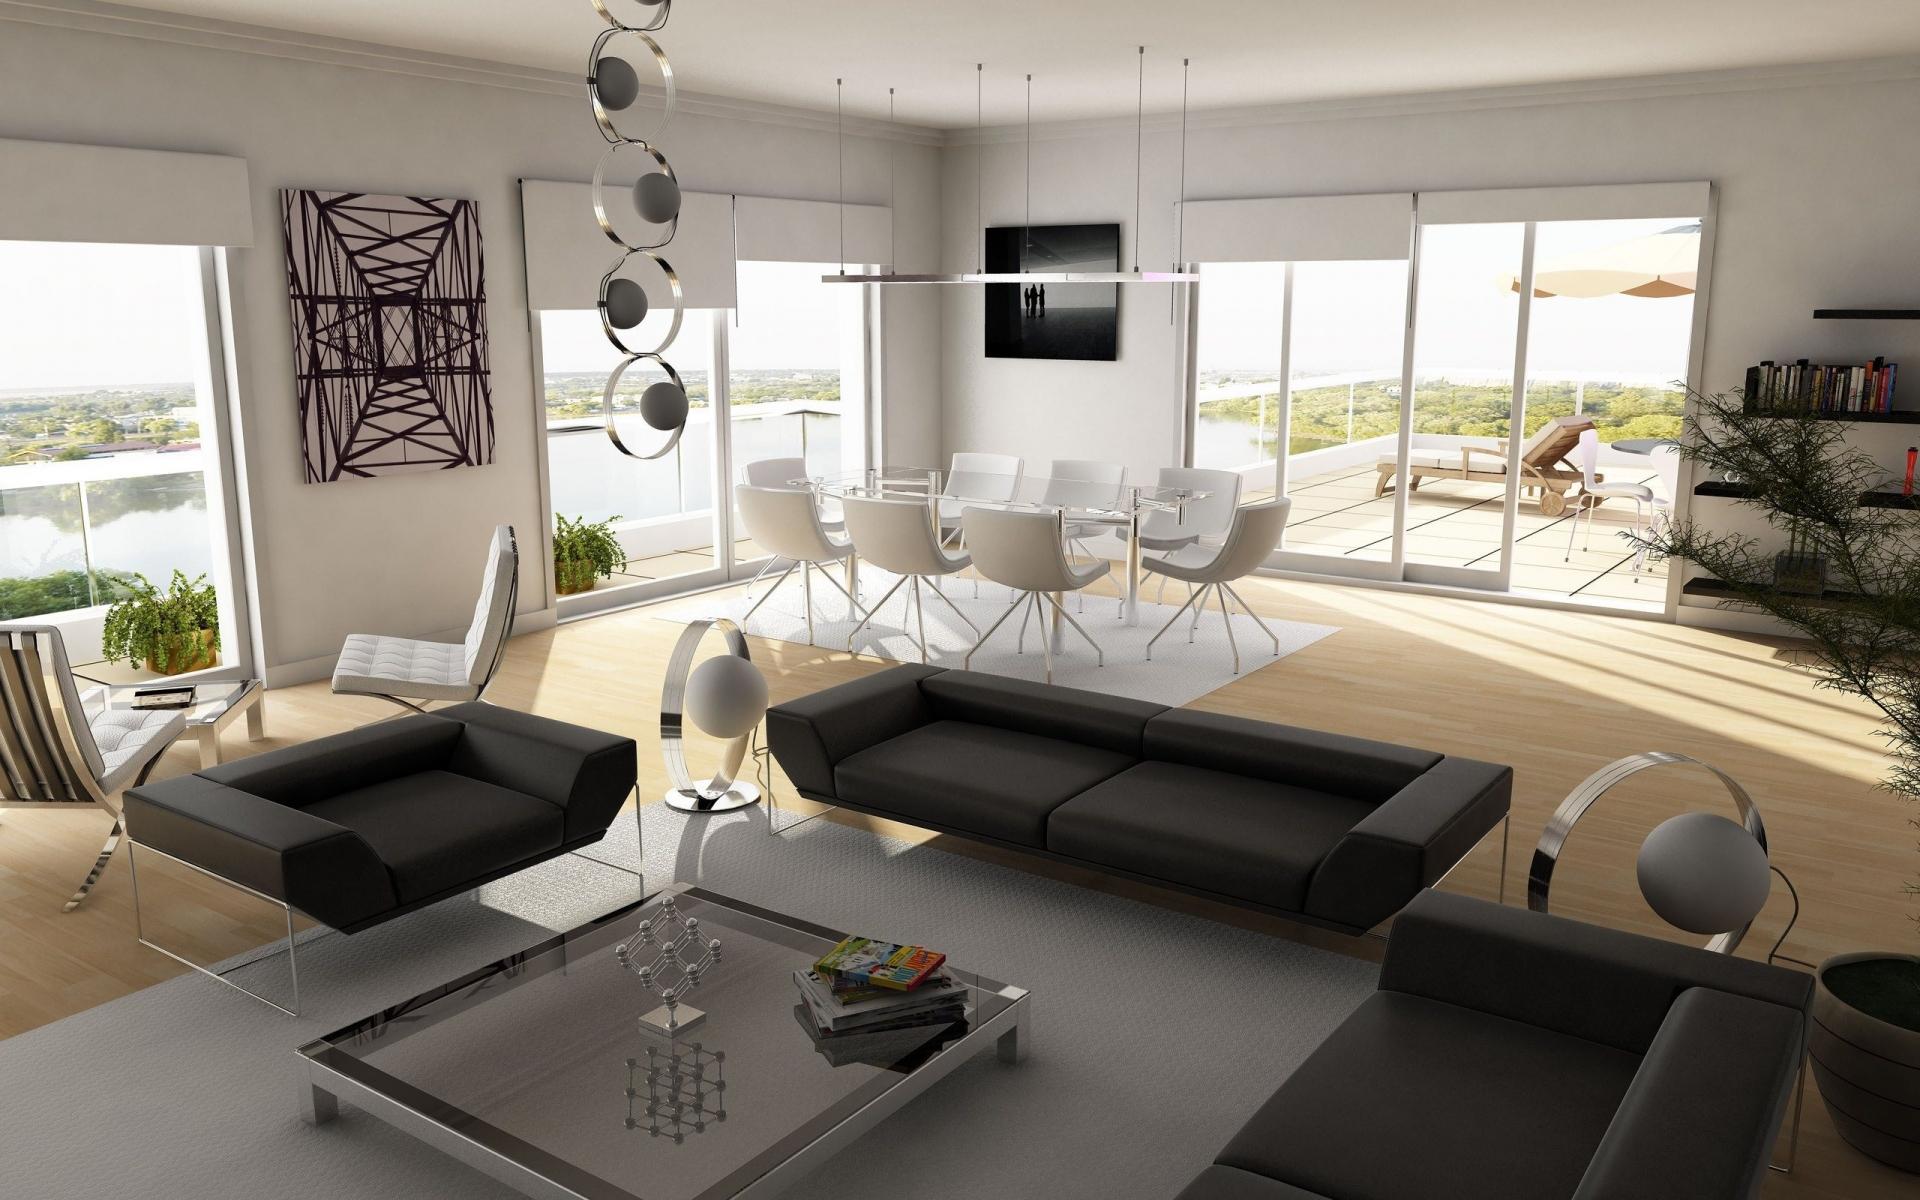 Diseño interior de una casa de campo - 1920x1200